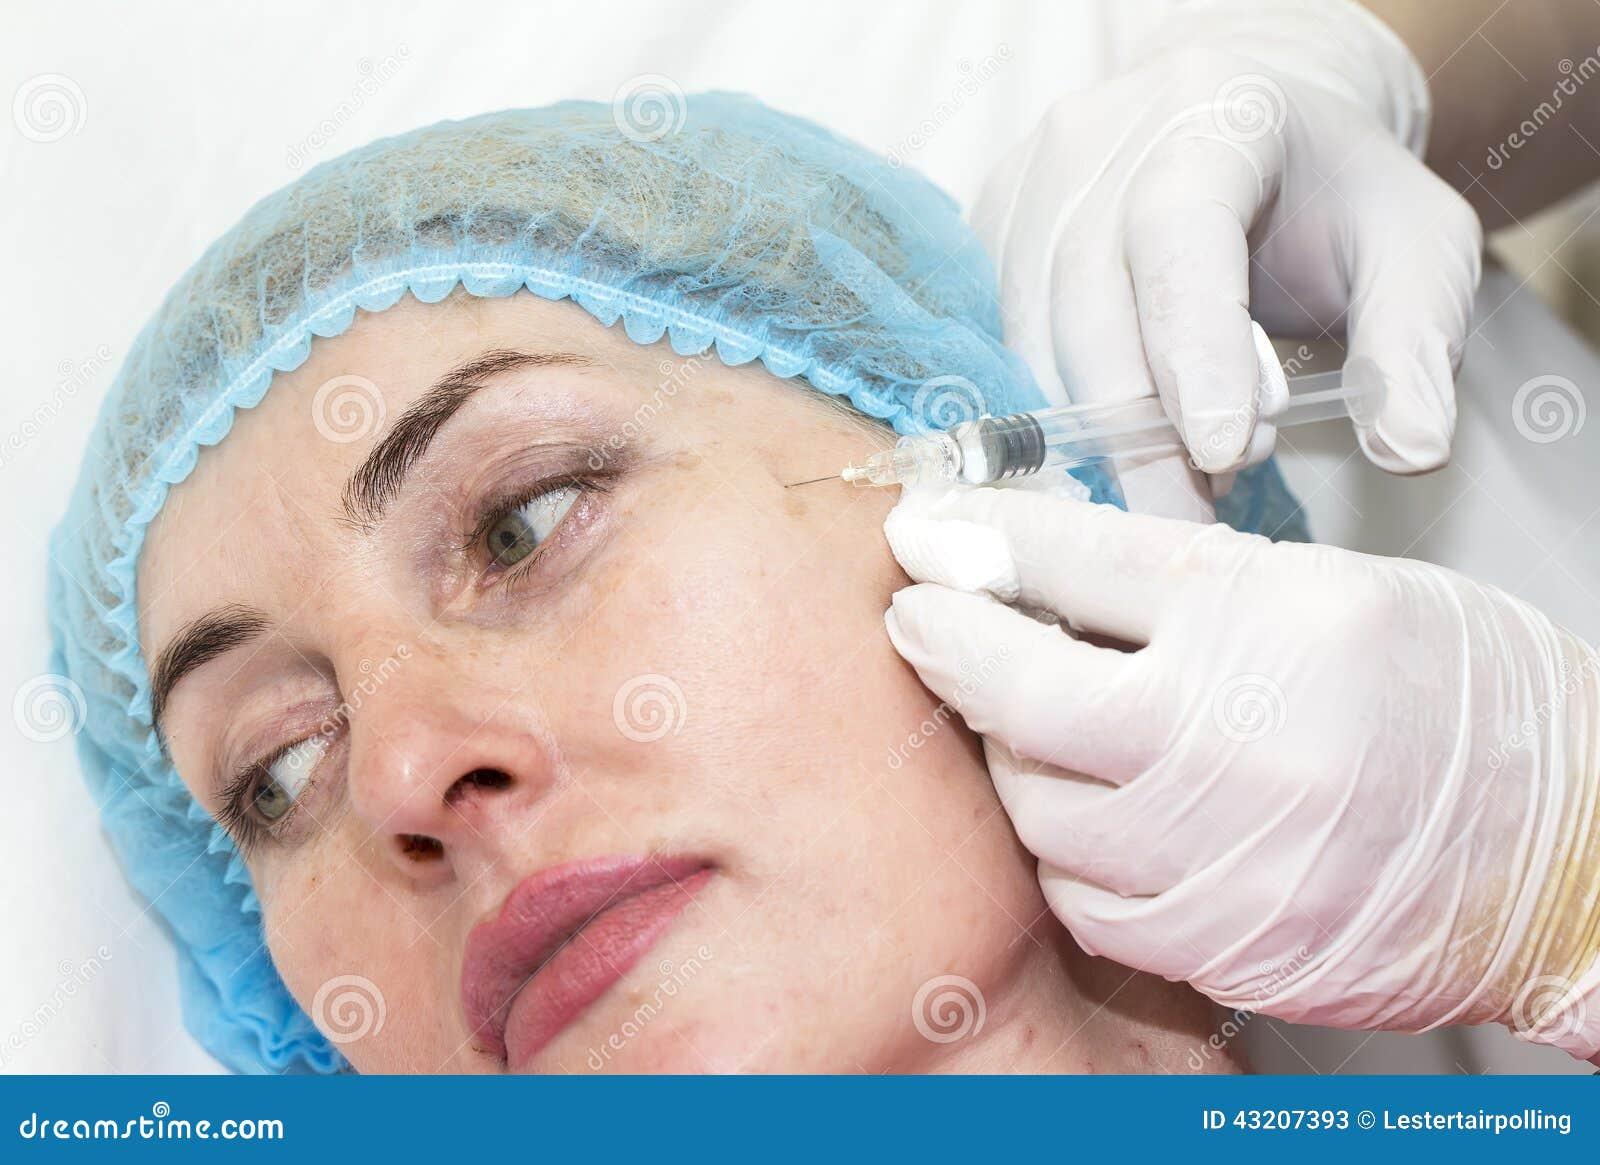 Download Kosmetisk kirurgi fotografering för bildbyråer. Bild av vanligt - 43207393